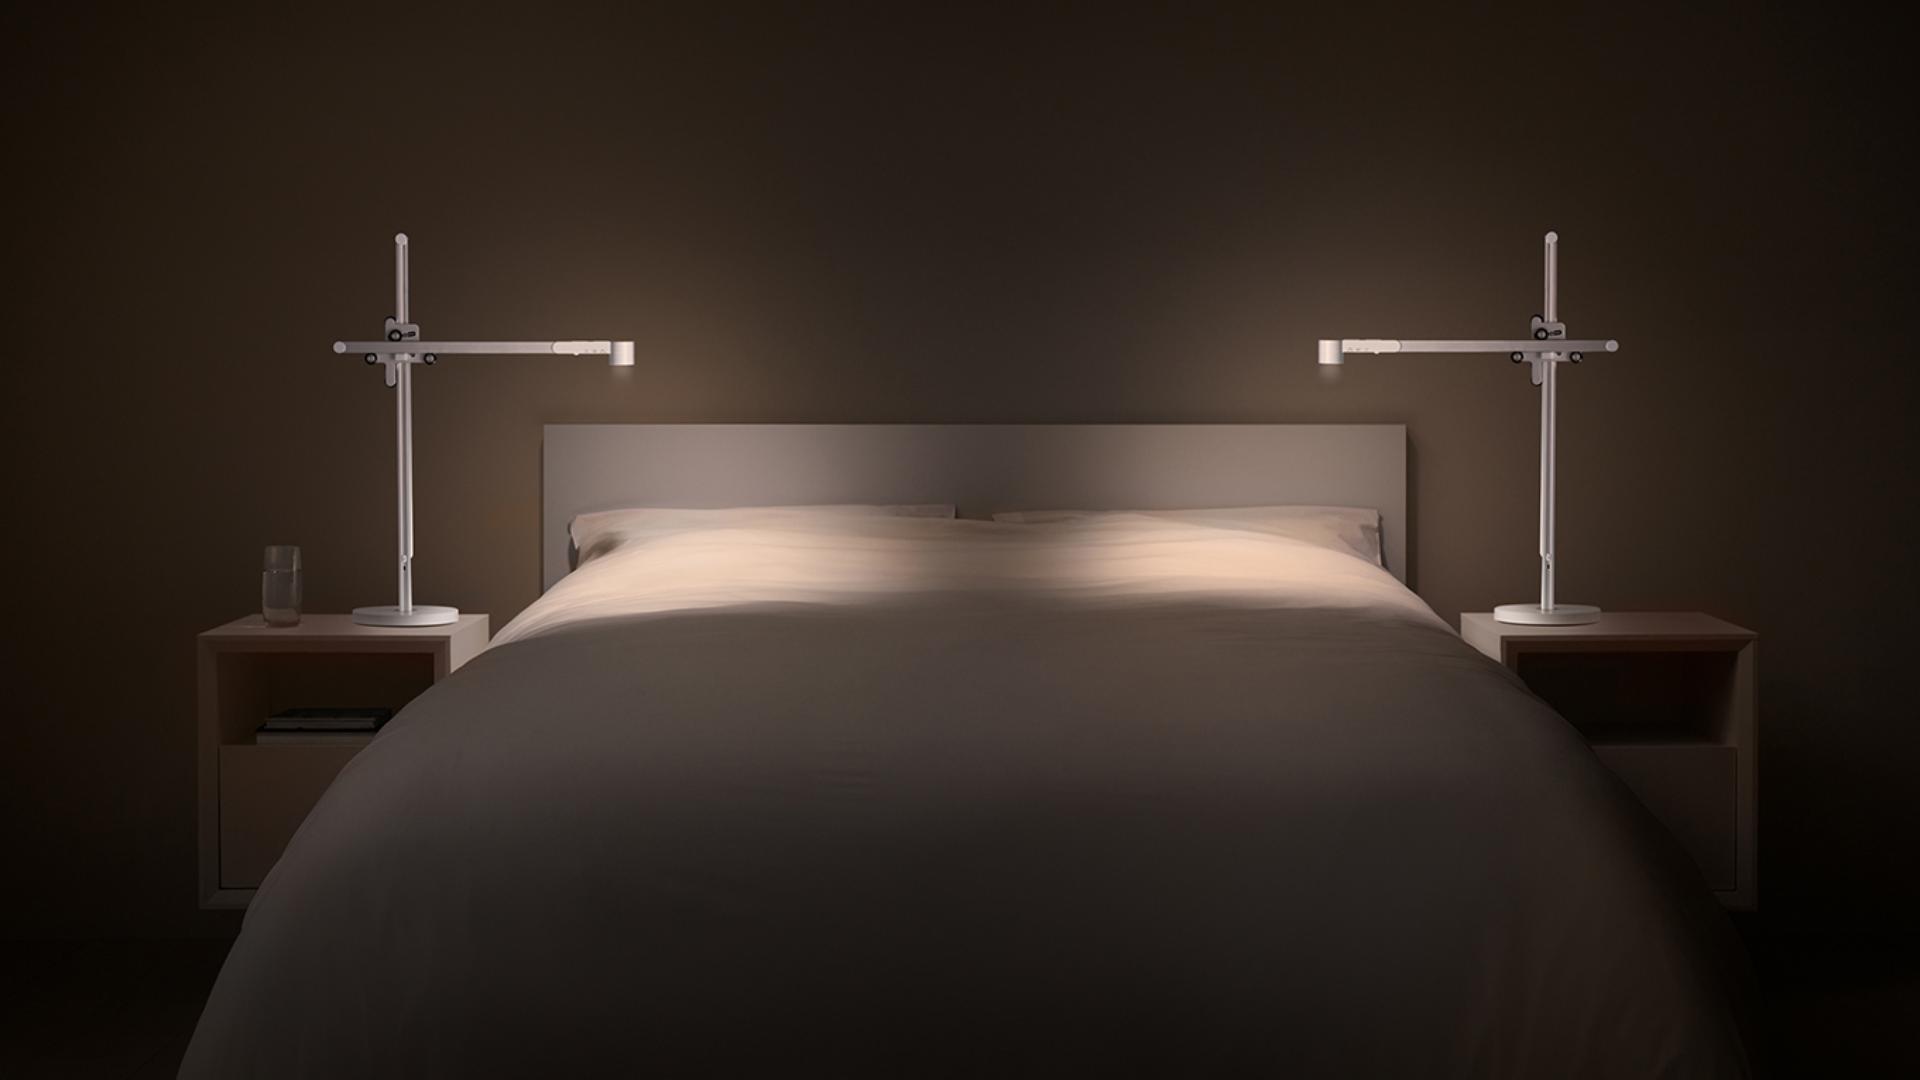 침대 양 옆에서 완벽한 대칭을 이루는 2대의 다이슨 라이트 싸이클™ 조명